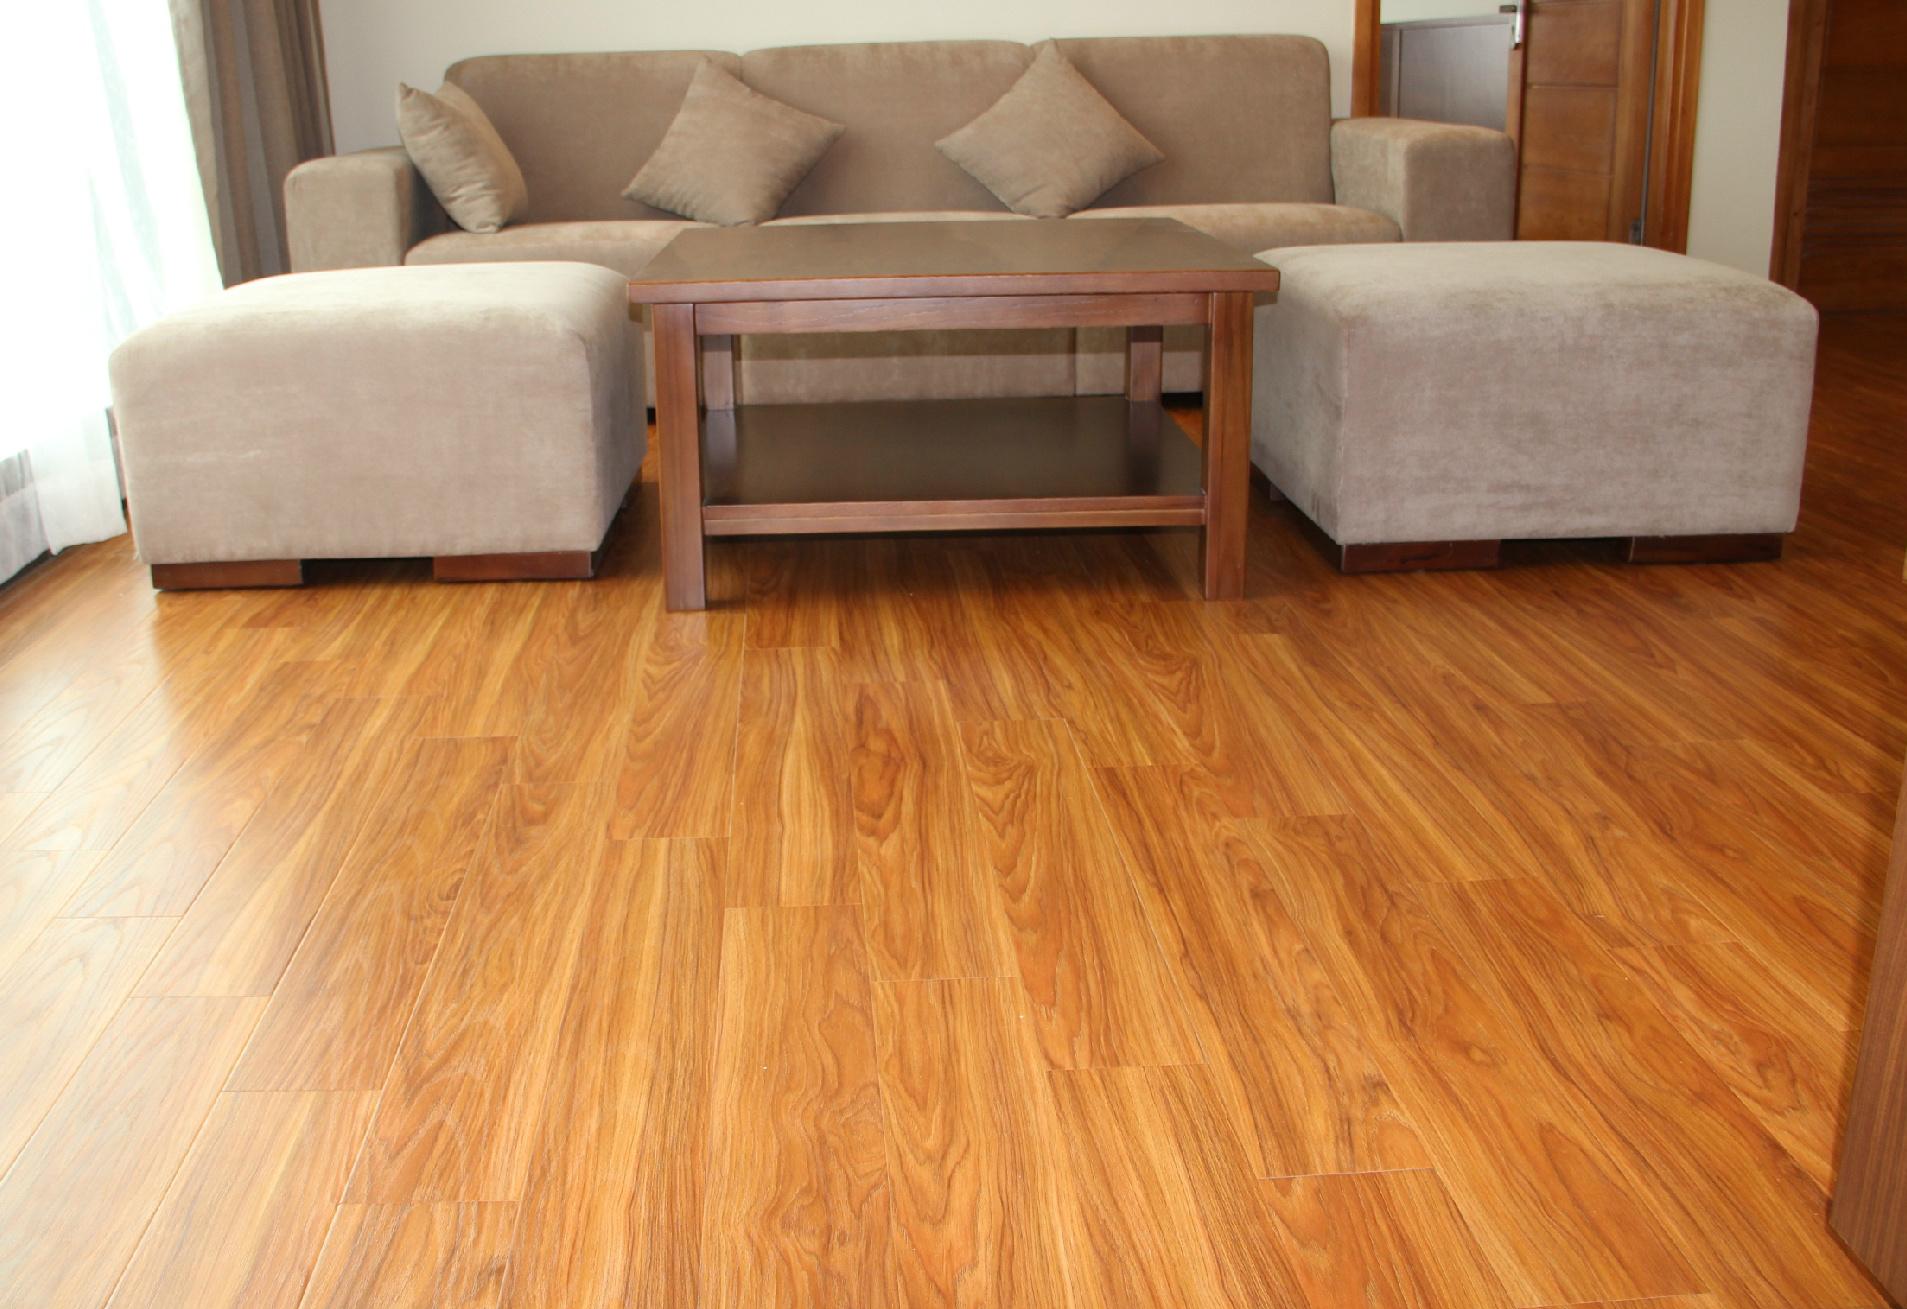 Những ưu điểm nổi bật của sàn gỗ cốt xanh Cốt xanh việt nam